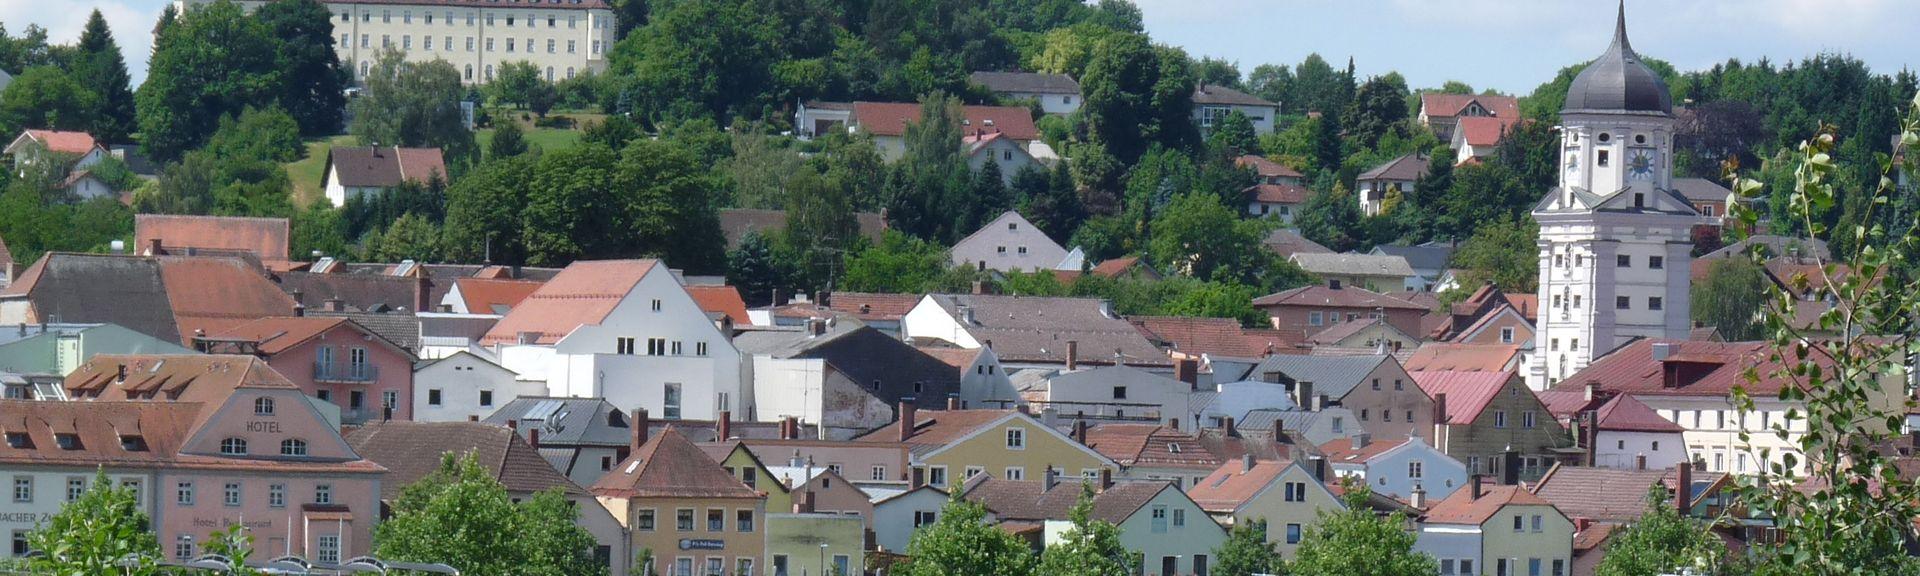 Fürstenzell, Beieren, Duitsland